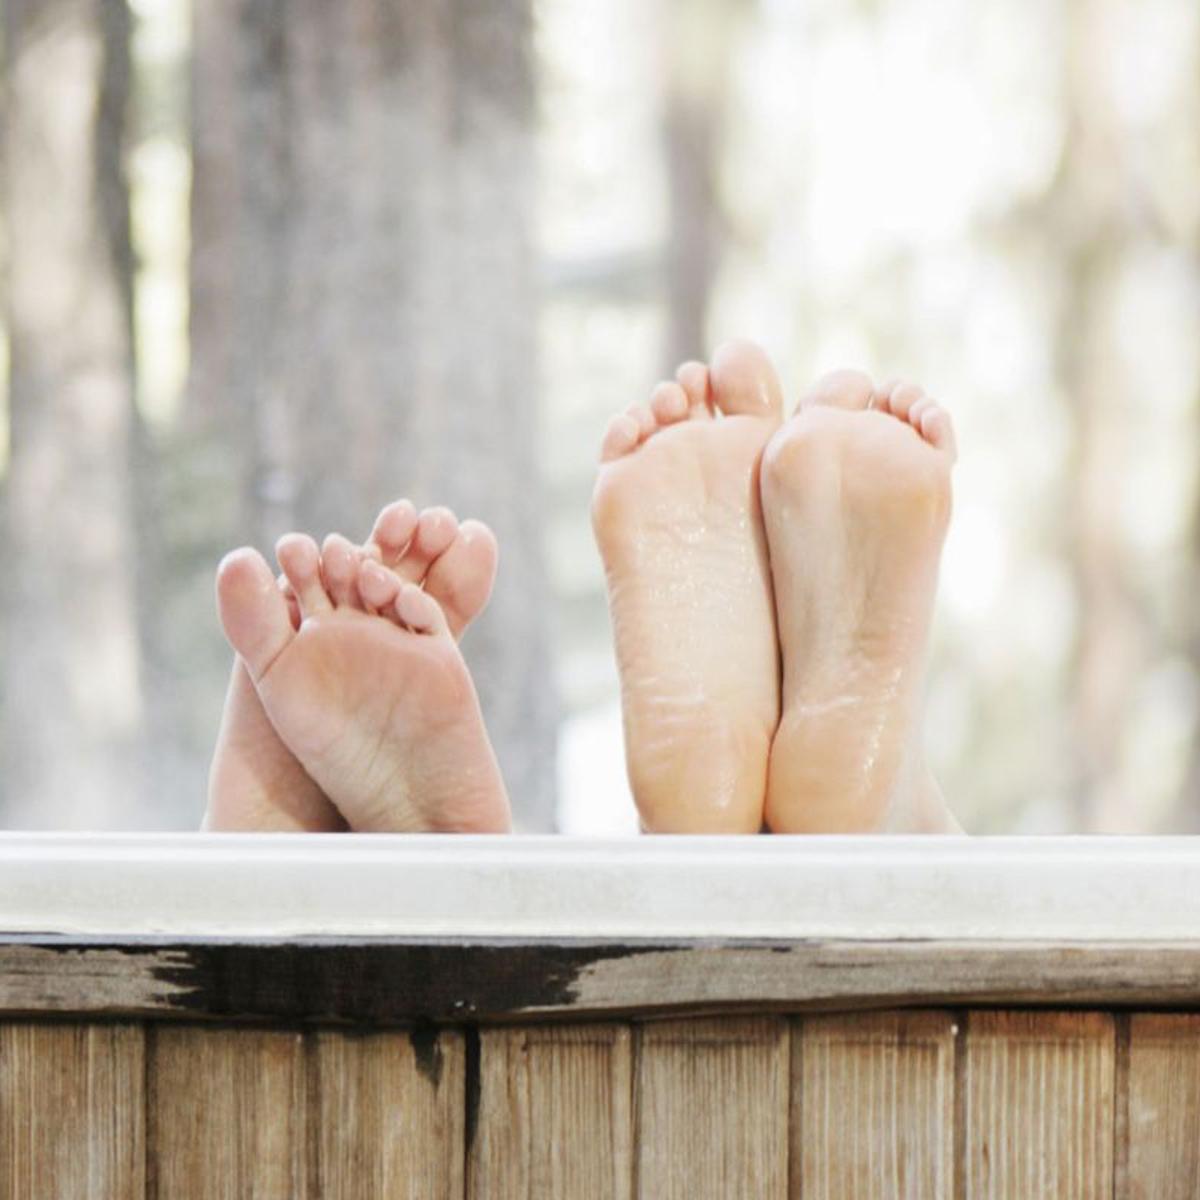 重炭酸イオンがたっぷり溶け込んだ、中性の重炭酸湯は、まさに究極の炭酸湯。日本初!独自の高硬度マイクロカプセル技術が生んだ重炭酸湯のタブレット入浴剤|薬用Hot Tab(ホットタブ)